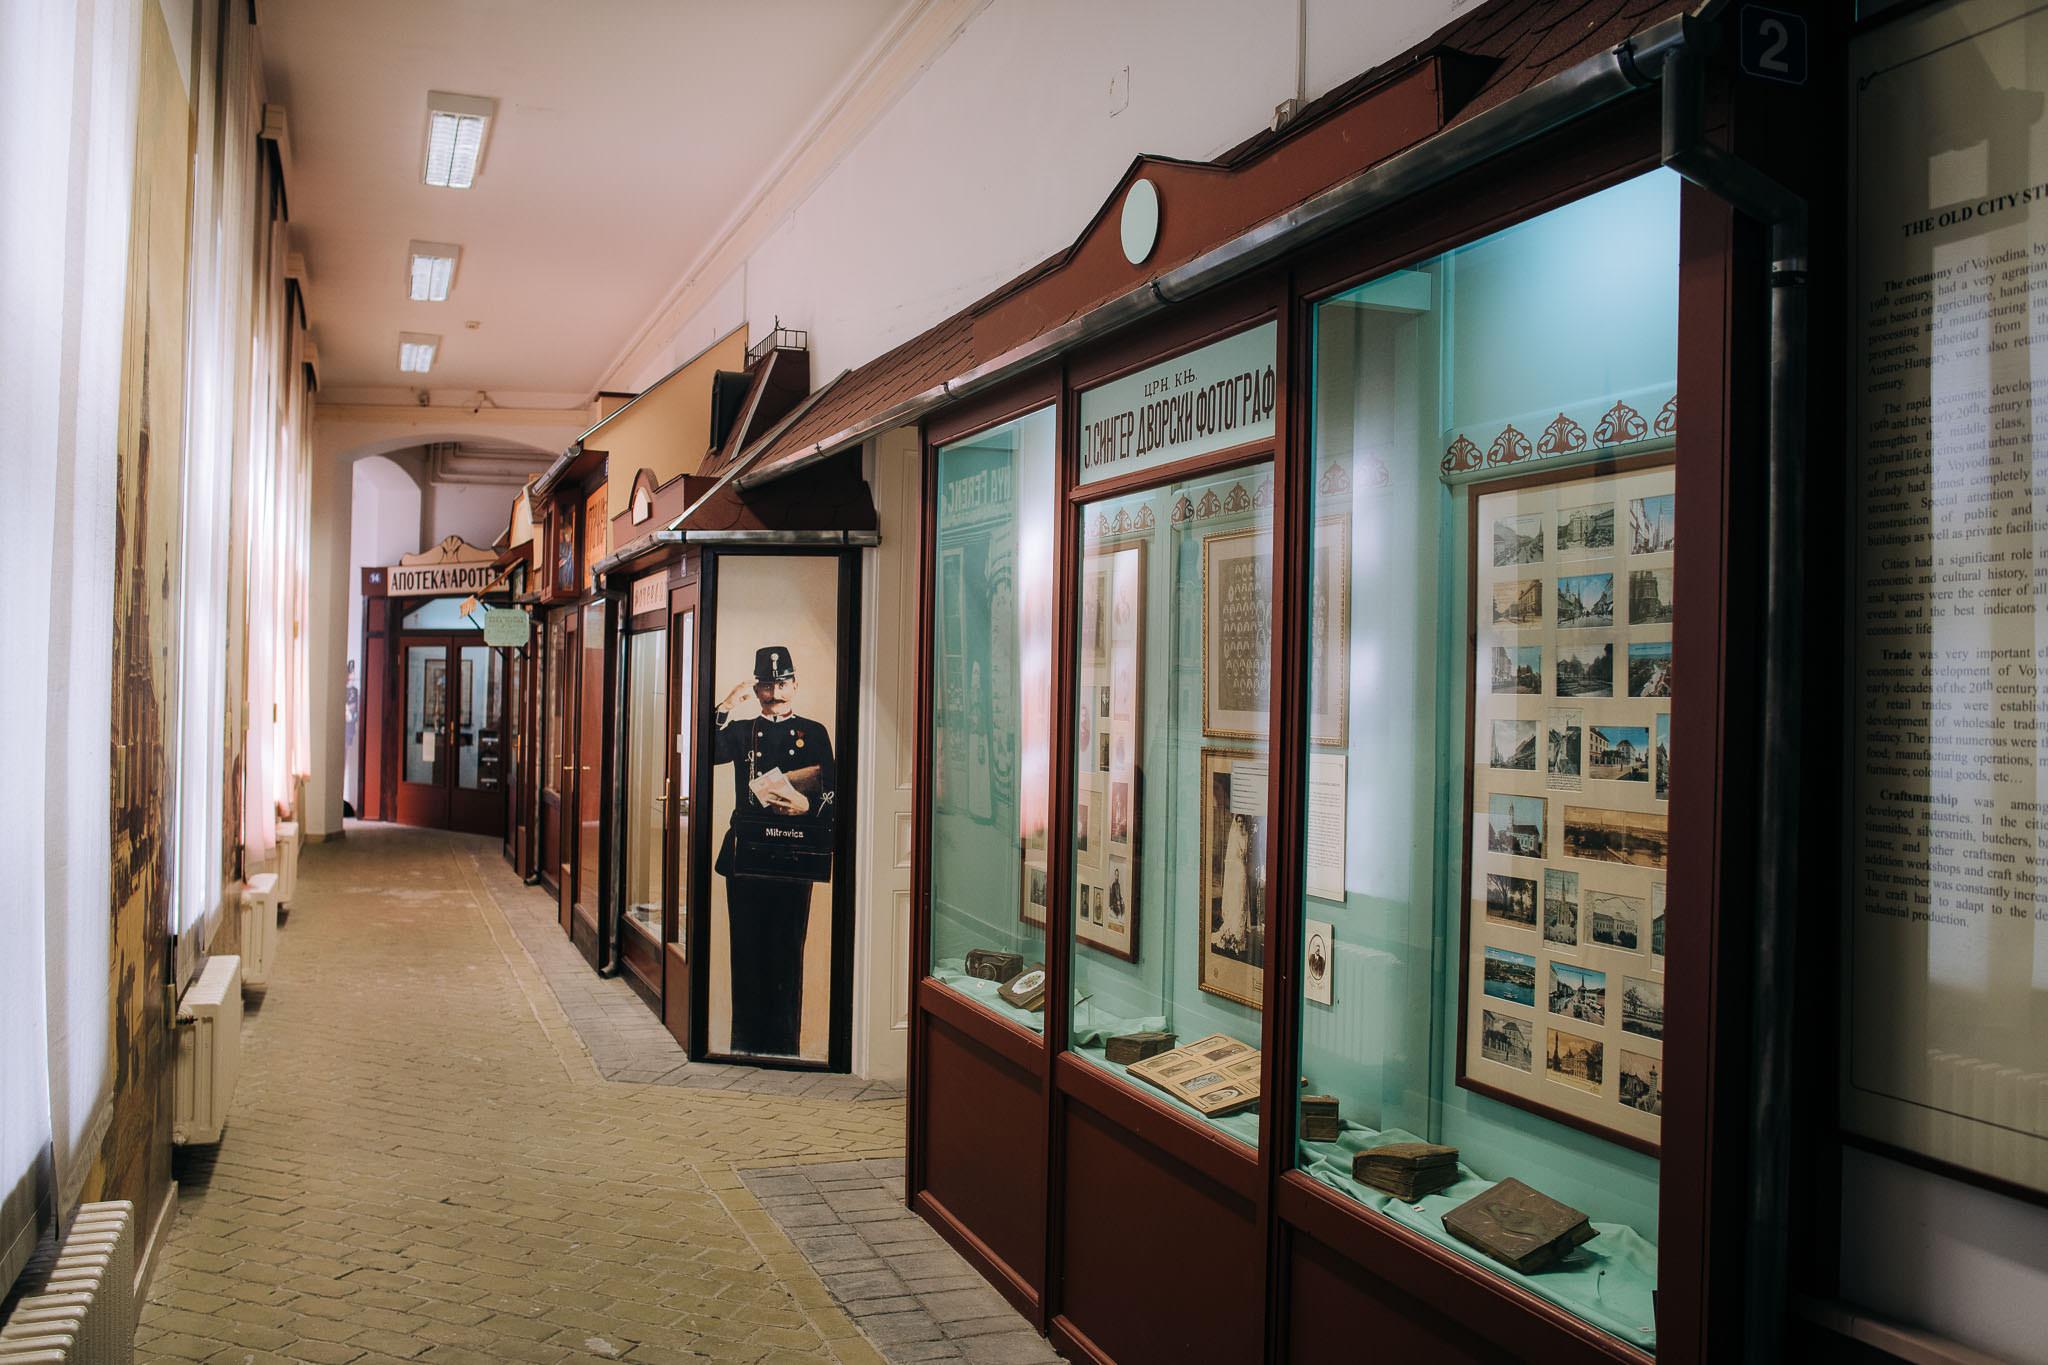 Stara novosadska ulica